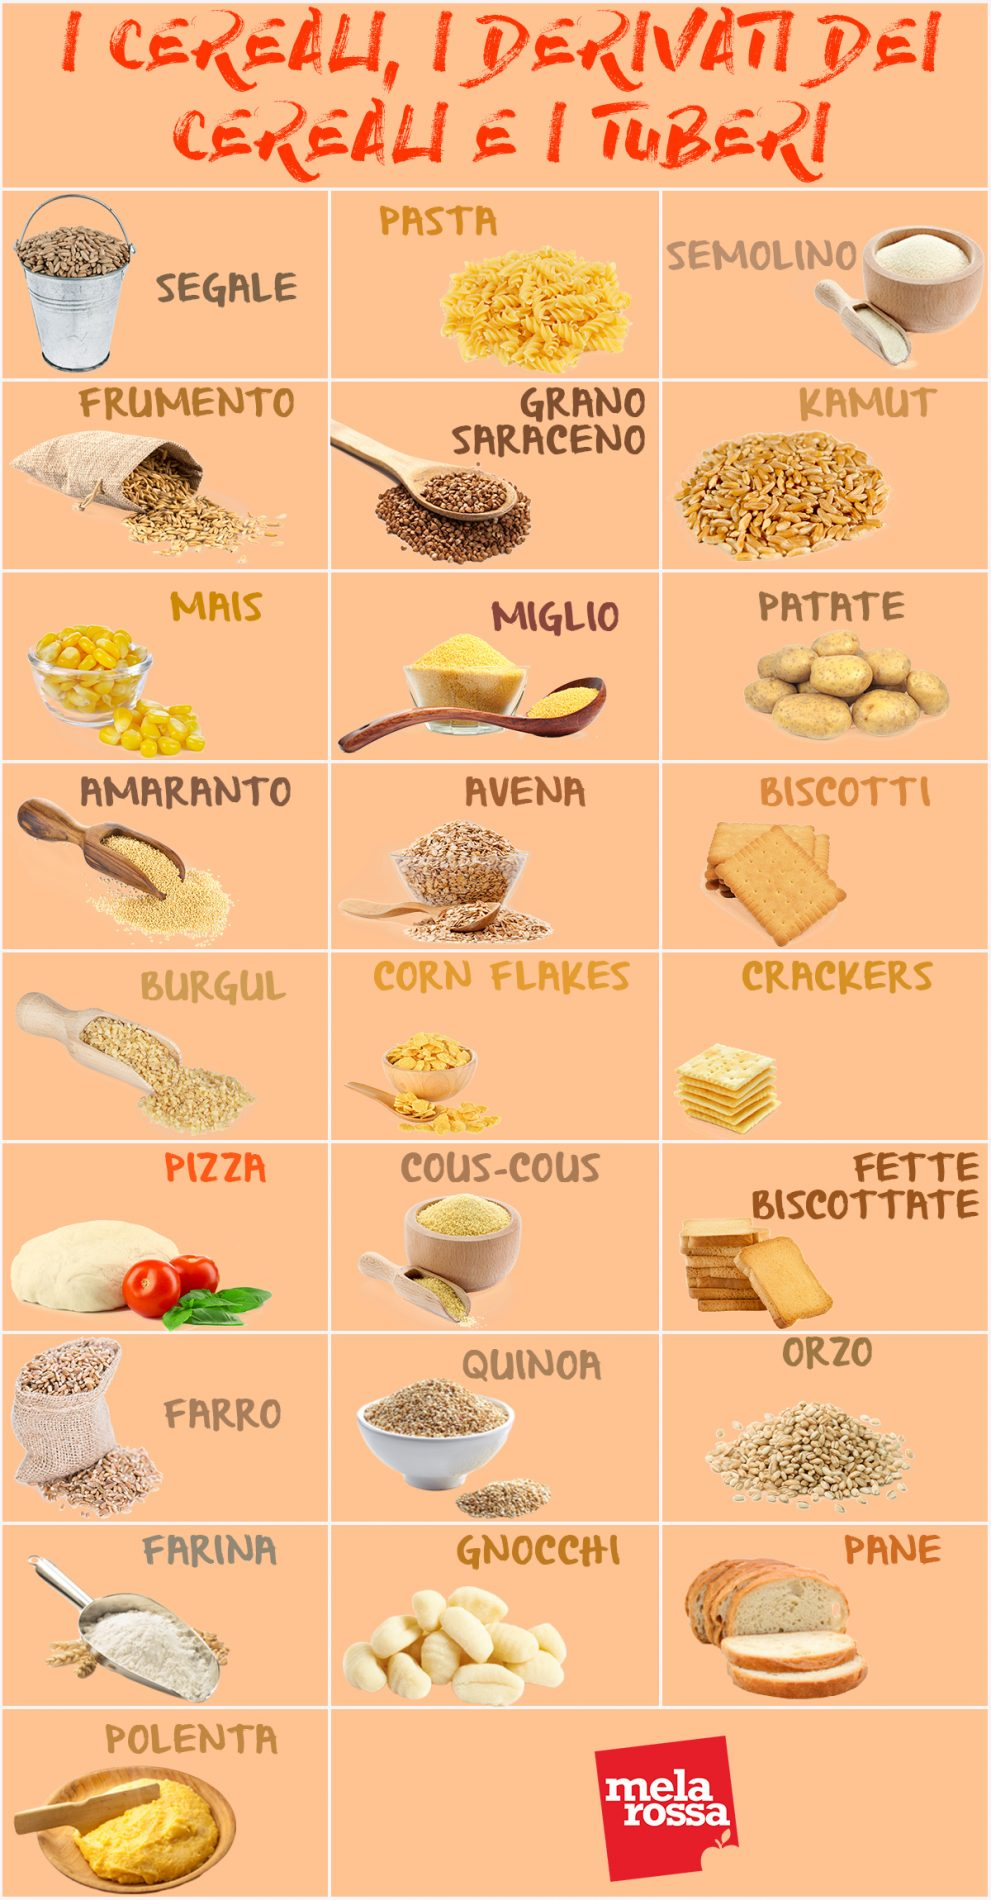 Tabella cereali, derivati e tuberi